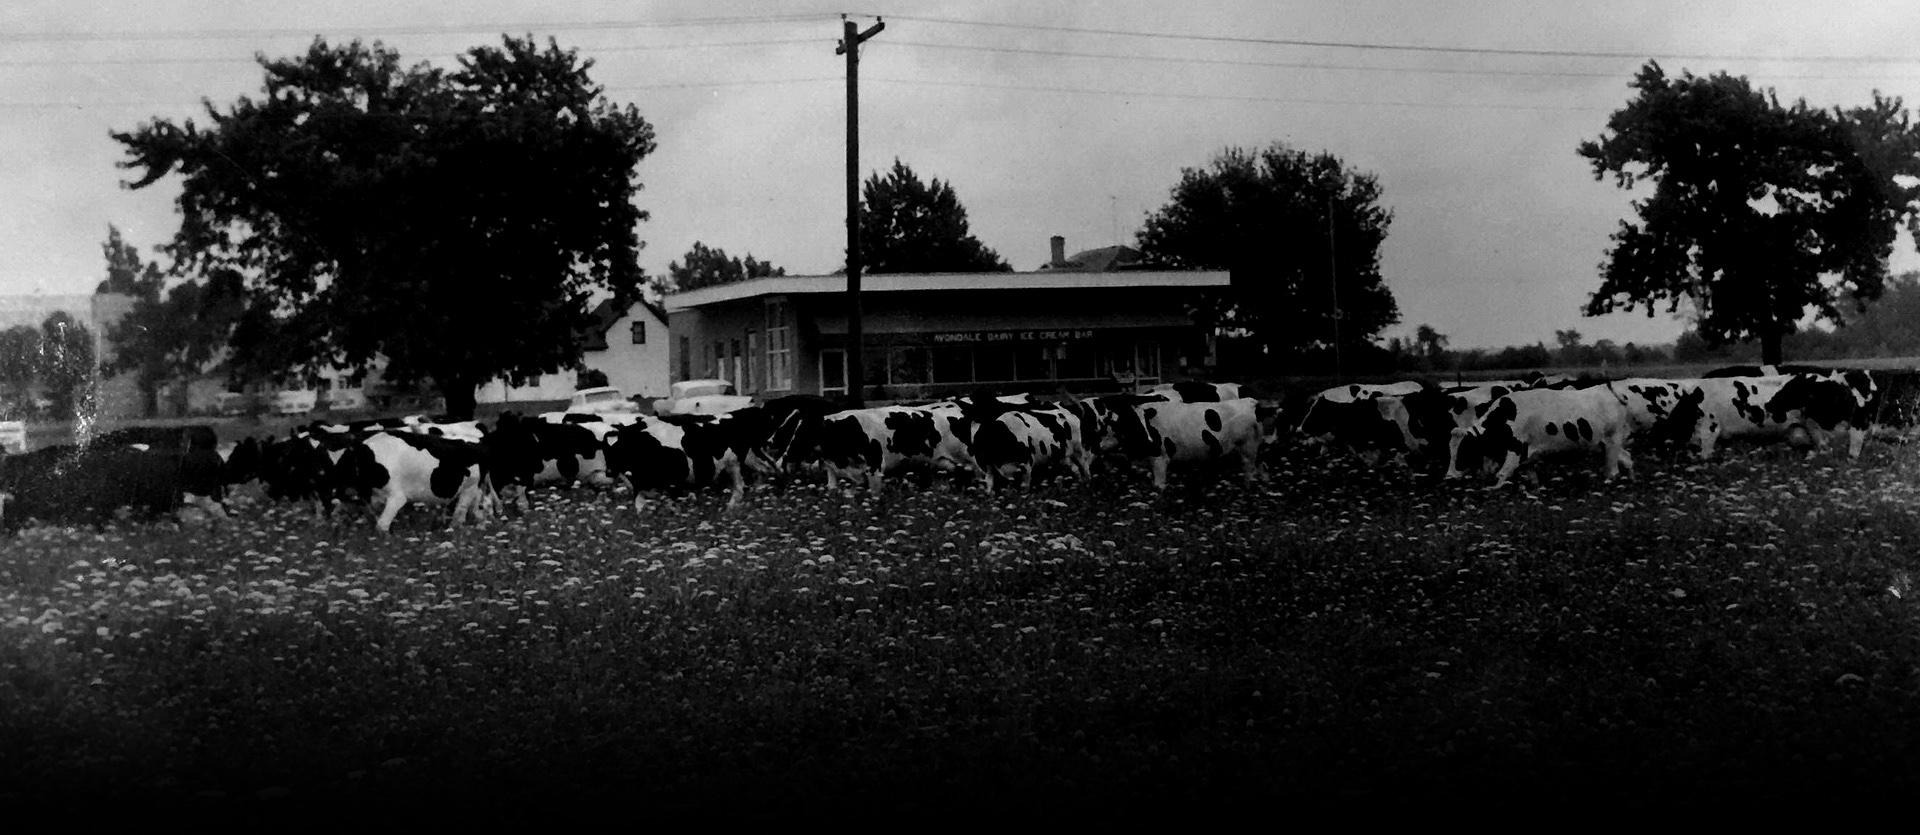 cows1 - 1958